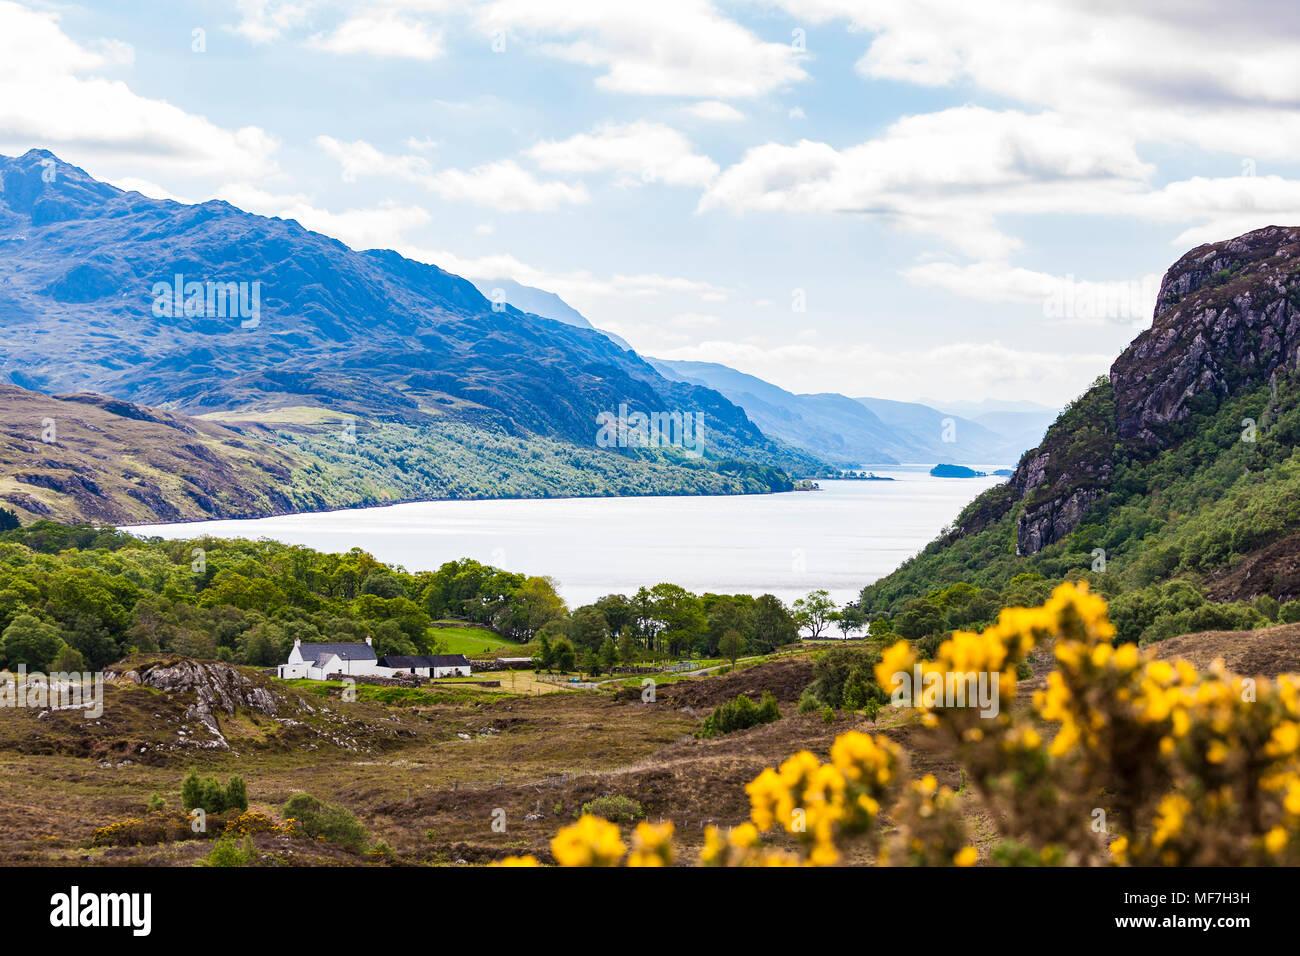 United Kingdom, Scotland, Highland, Loch Maree, freshwater lake, farmhouse - Stock Image